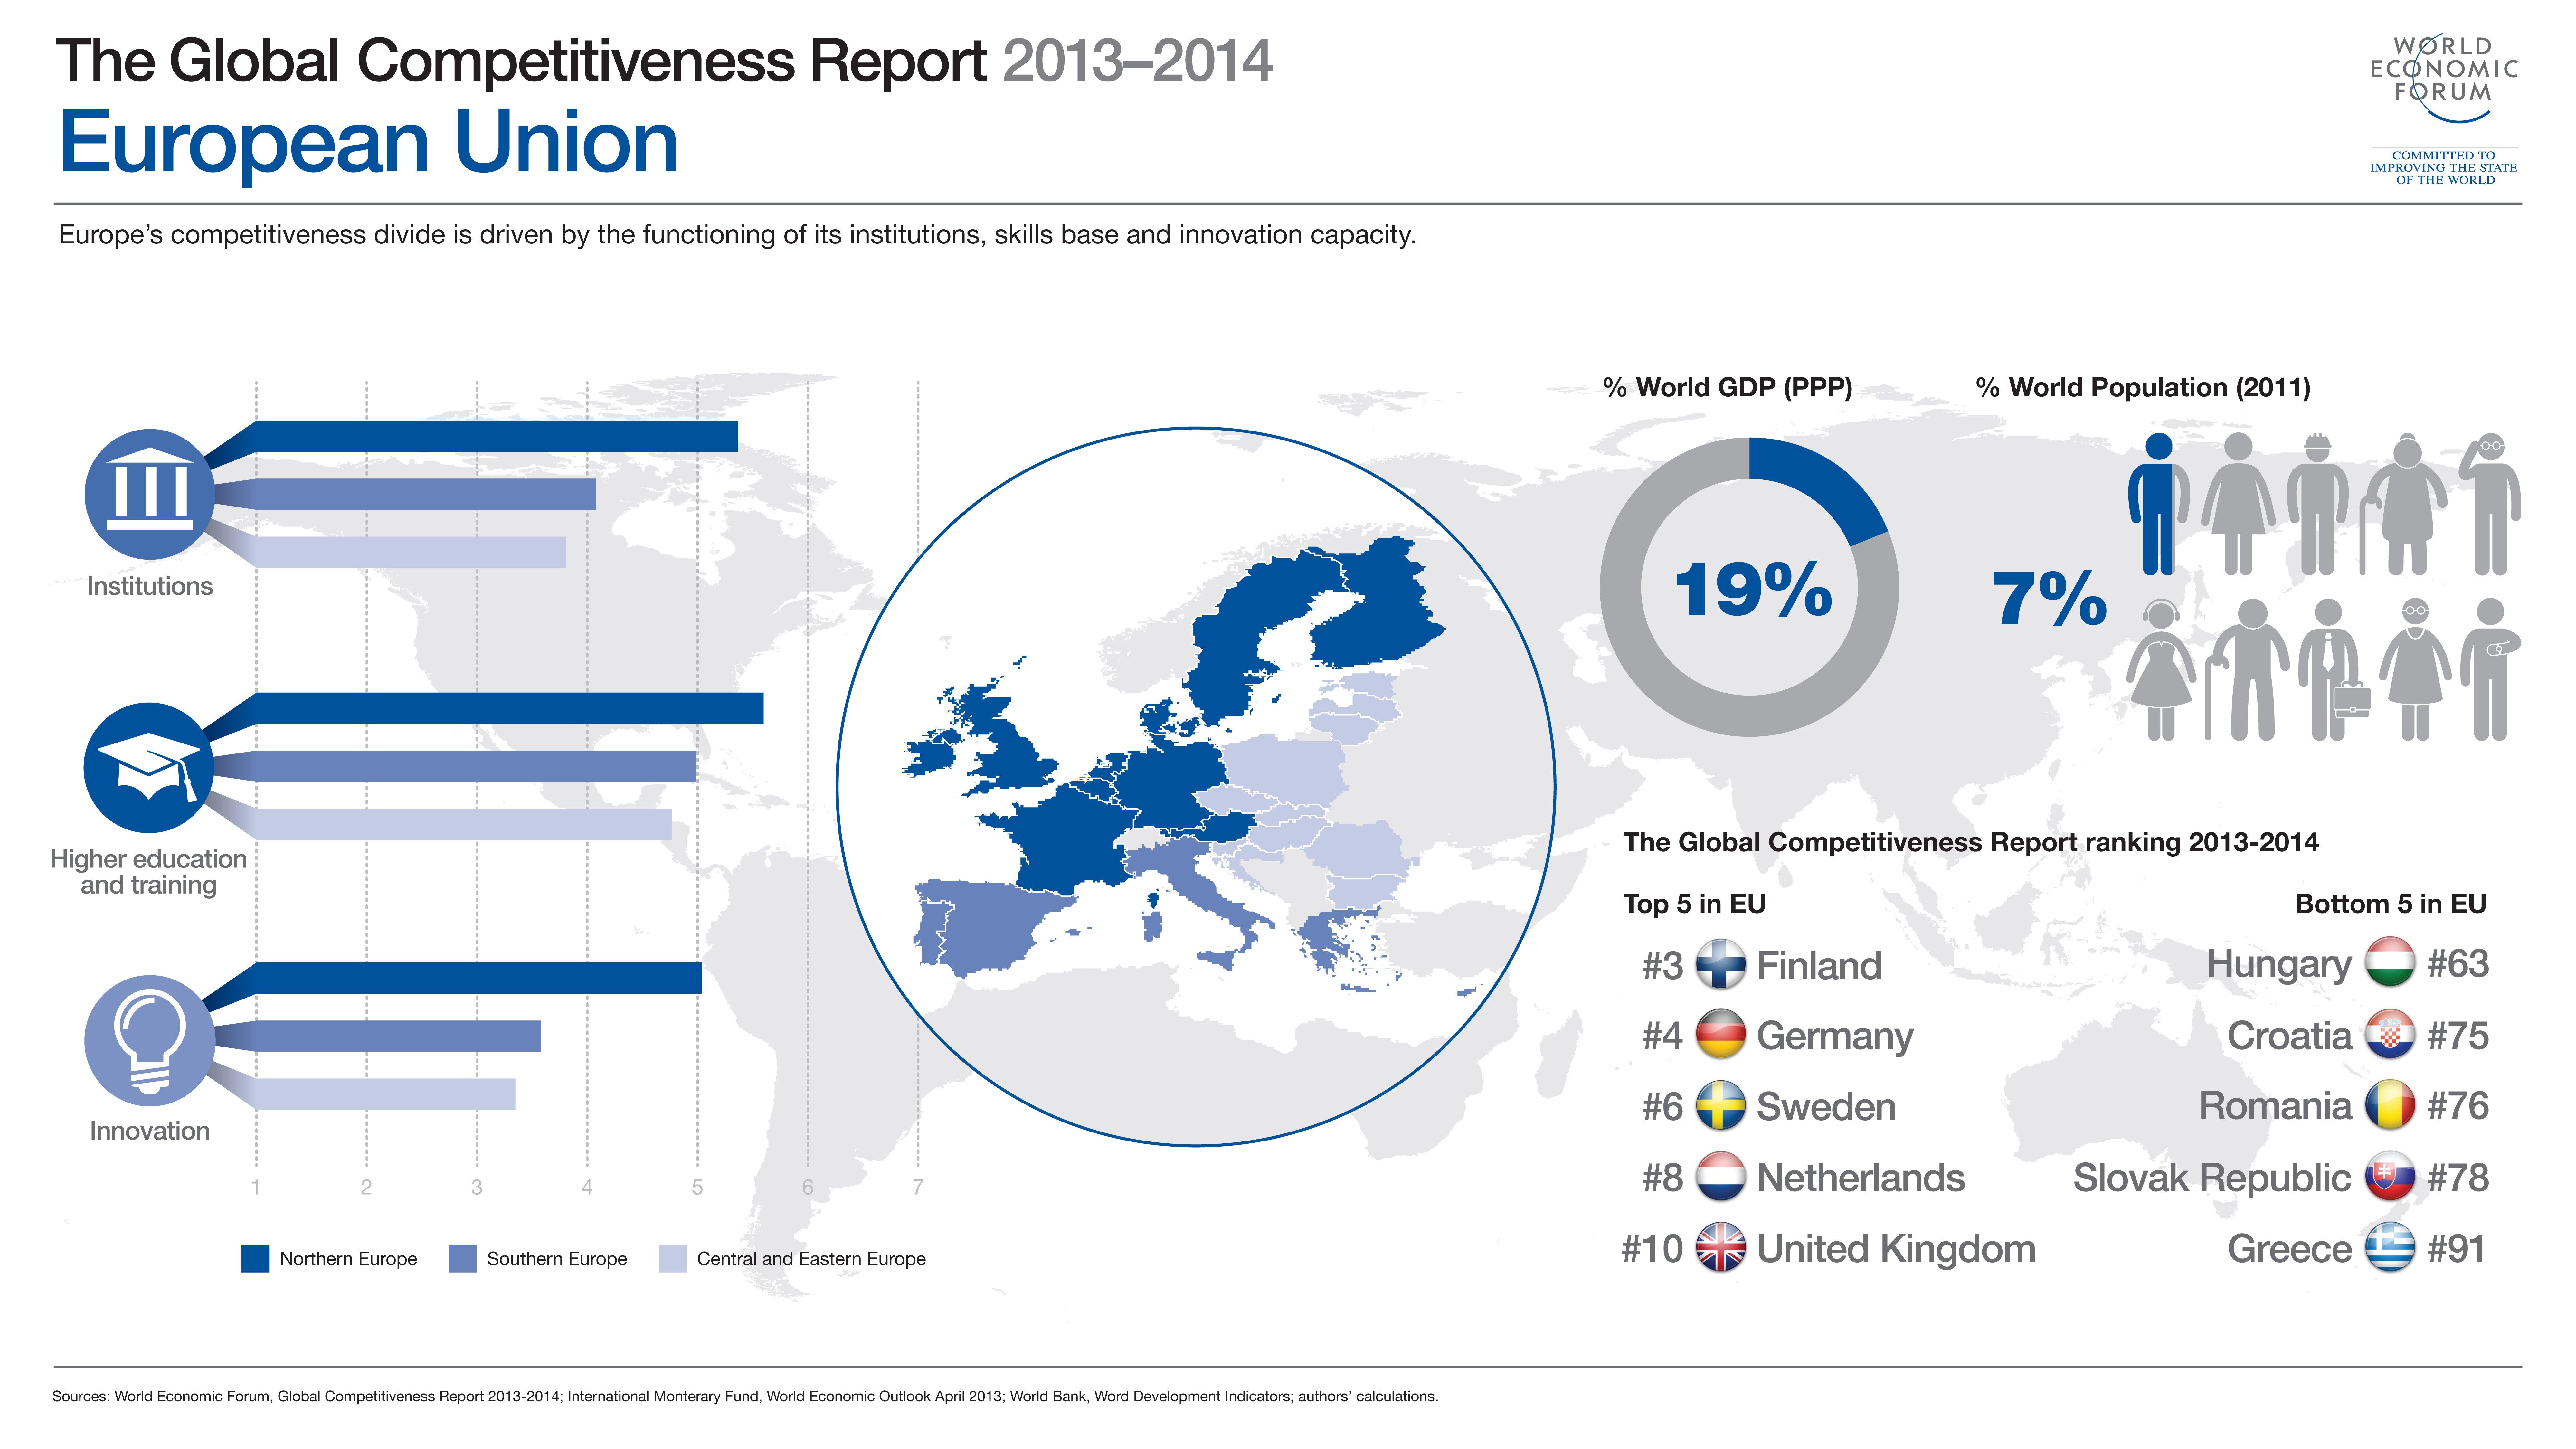 Finnland vor Deutschland, Schweden, den Niederlanden und Großbritannien sind die wettbewerbsfähigsten Länder in der EU. Am Ende des Rankings des Weltwirtschaftsforums liegen Griechenland, die Slowakei und Rumänien.